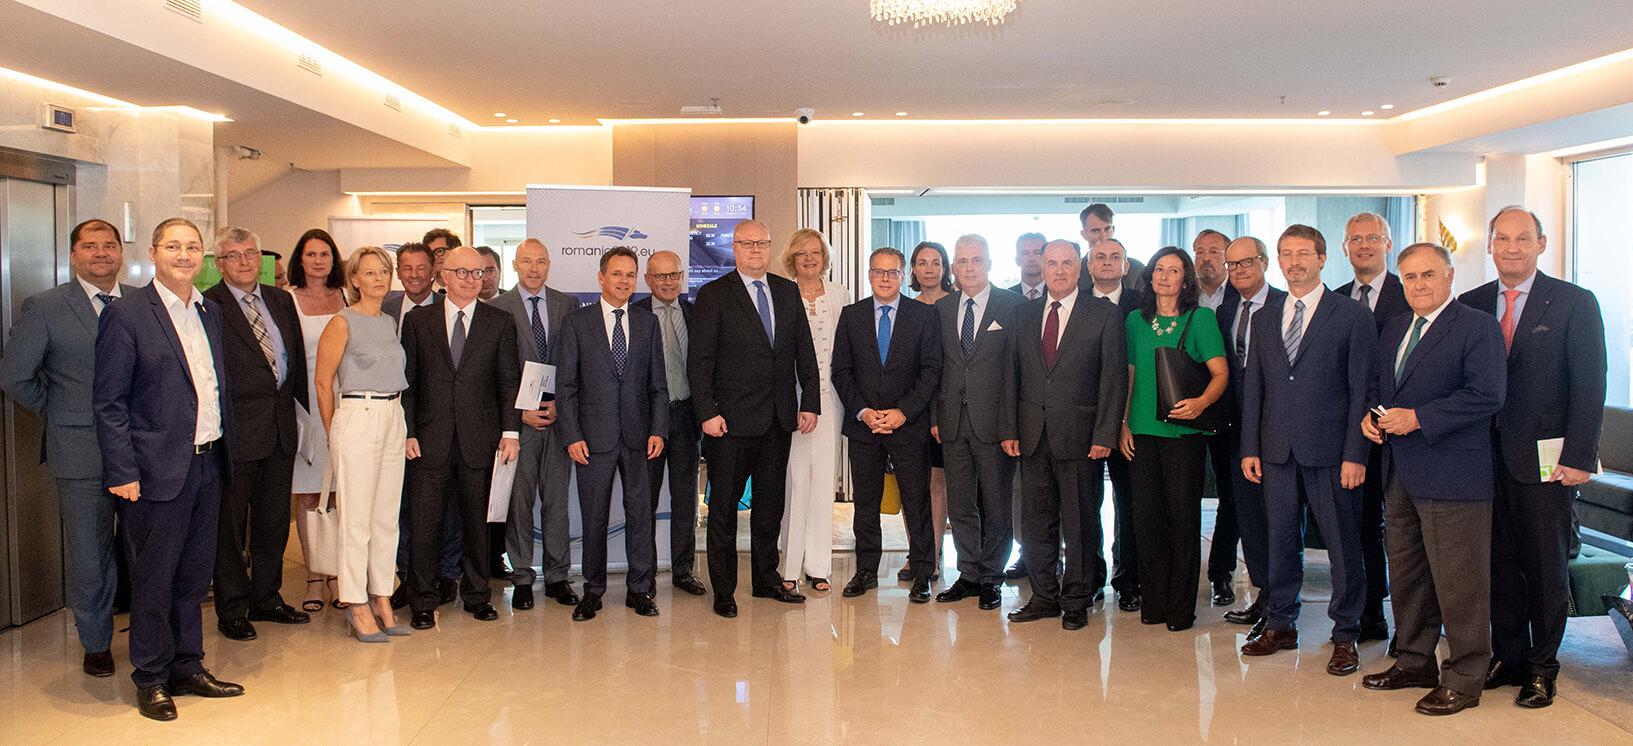 Ο Γ. Κουμουτσάκος με Πρέσβεις της ΕΕ. Συζήτηση για τα μείζονα ζητήματα της ελληνικής εξωτερικής πολιτικής